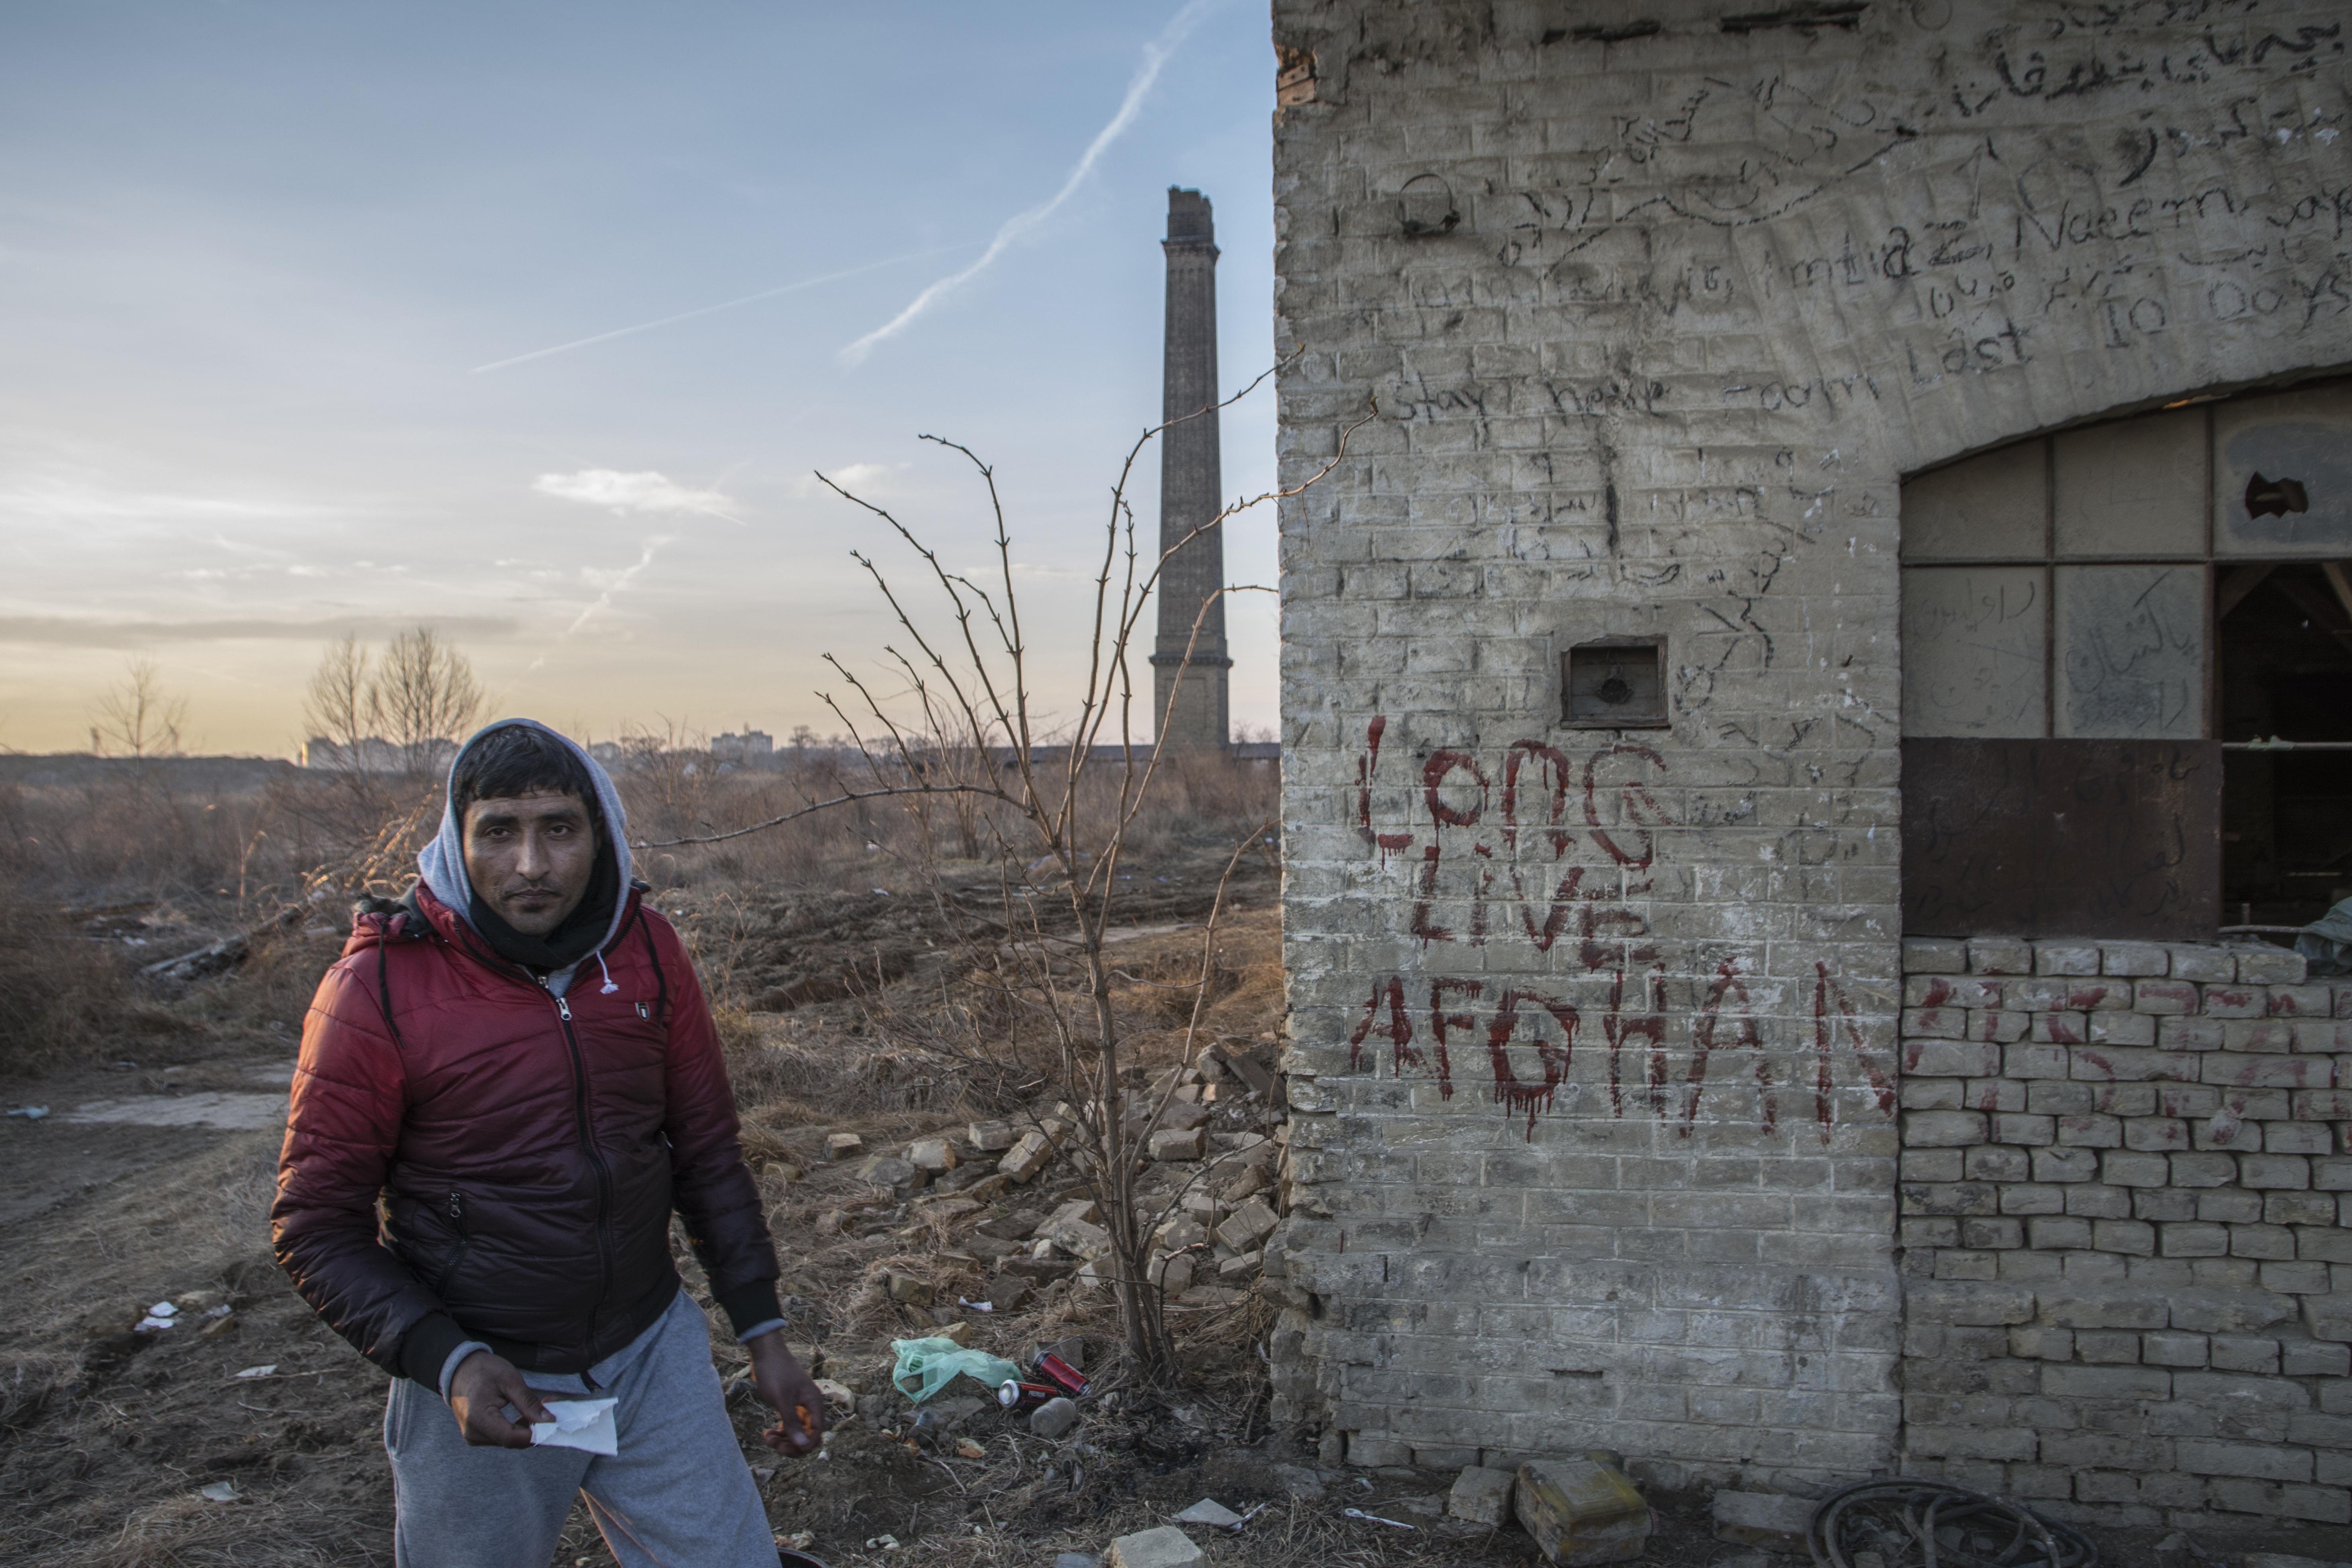 """Alla ex fabbrica di mattoni di Subotica, sul muro la scritta """"lunga vita all'Afghanistan""""(foto di Marco Marchese)"""